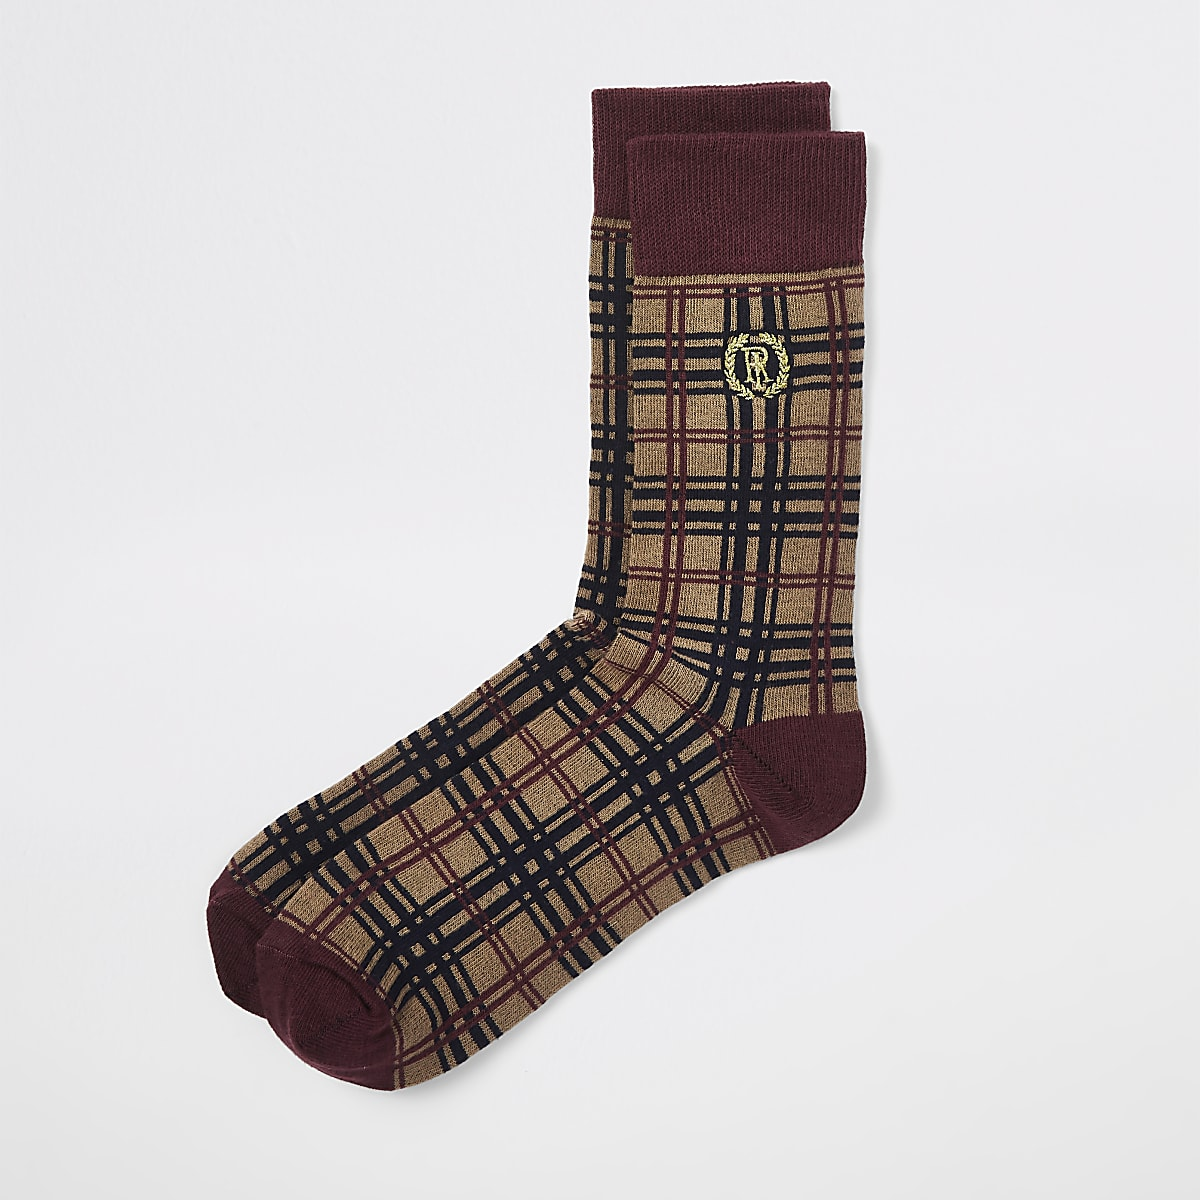 Brown RI tartan crest socks